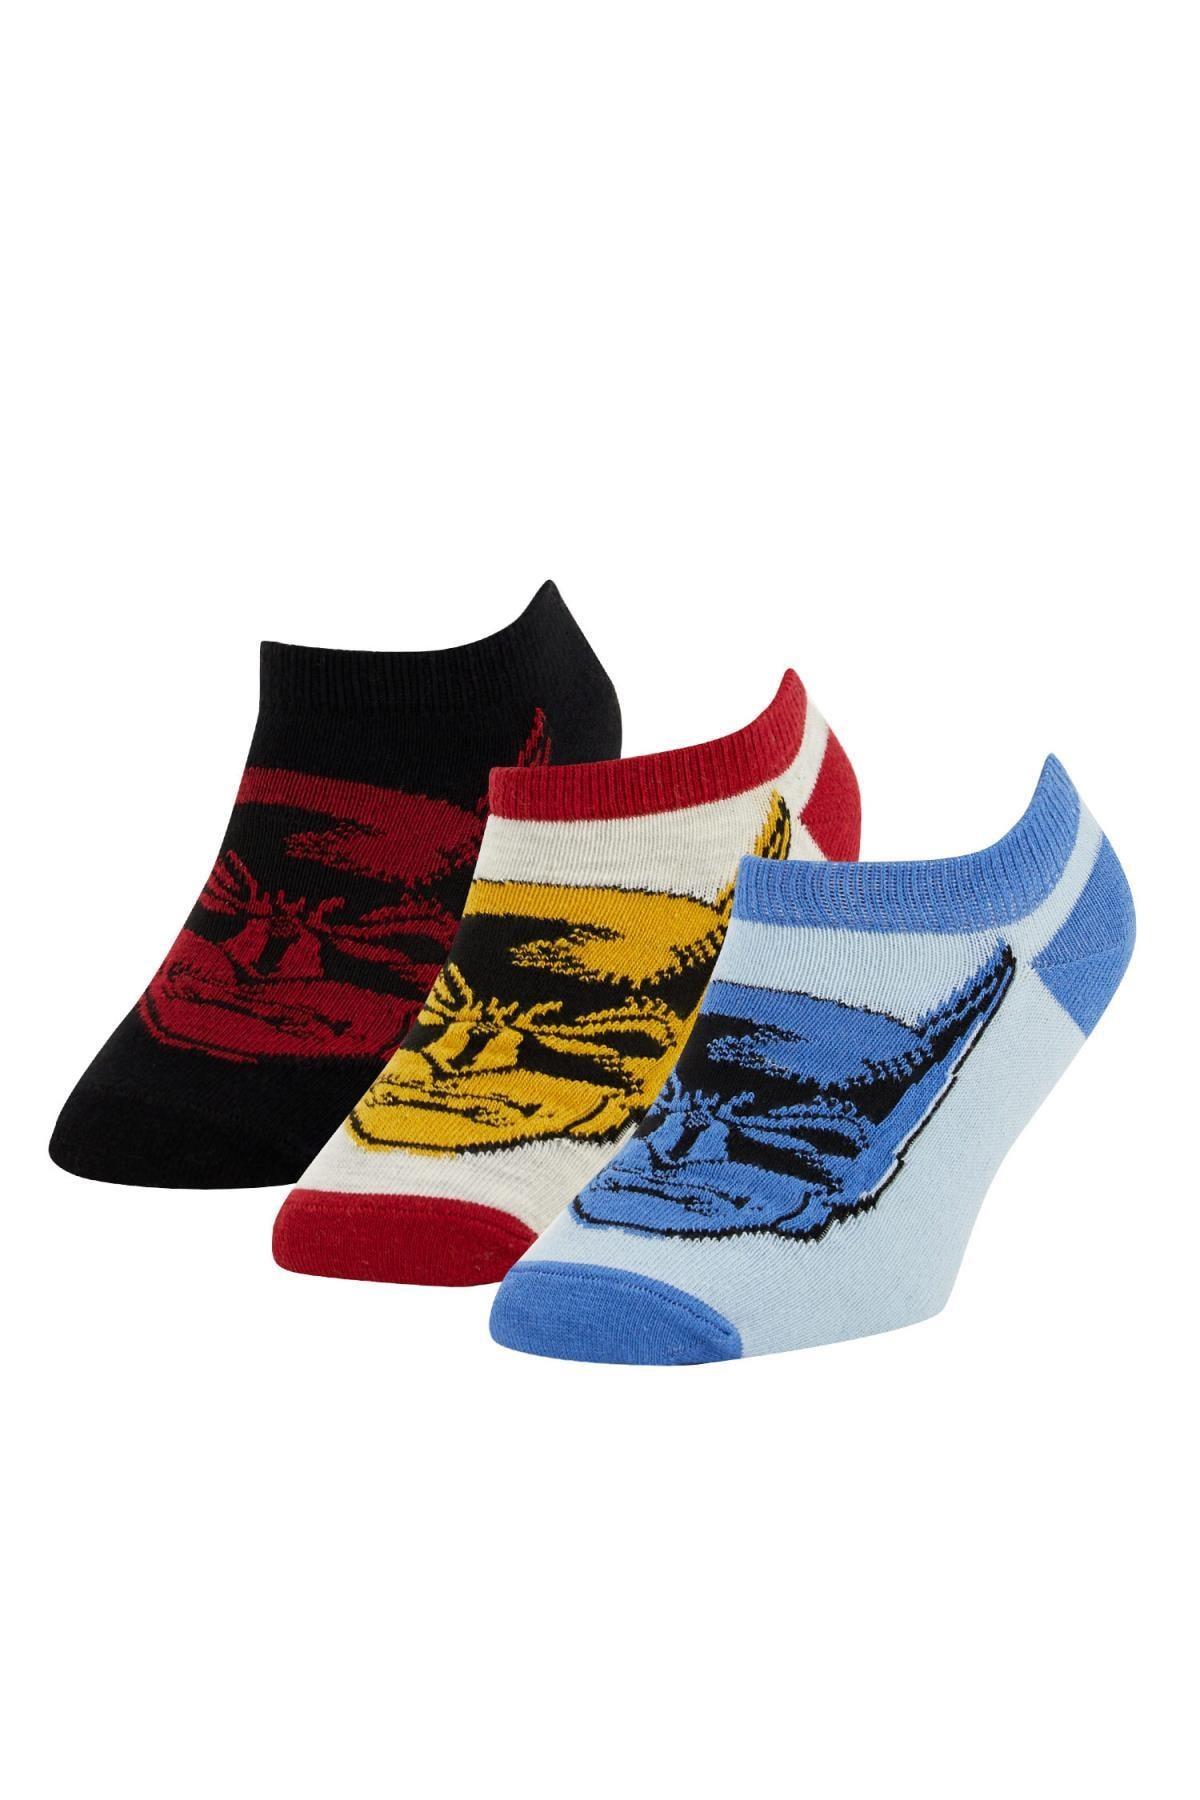 DeFacto Erkek Çocuk Batman Lisanslı 3'lü Patik Çorap